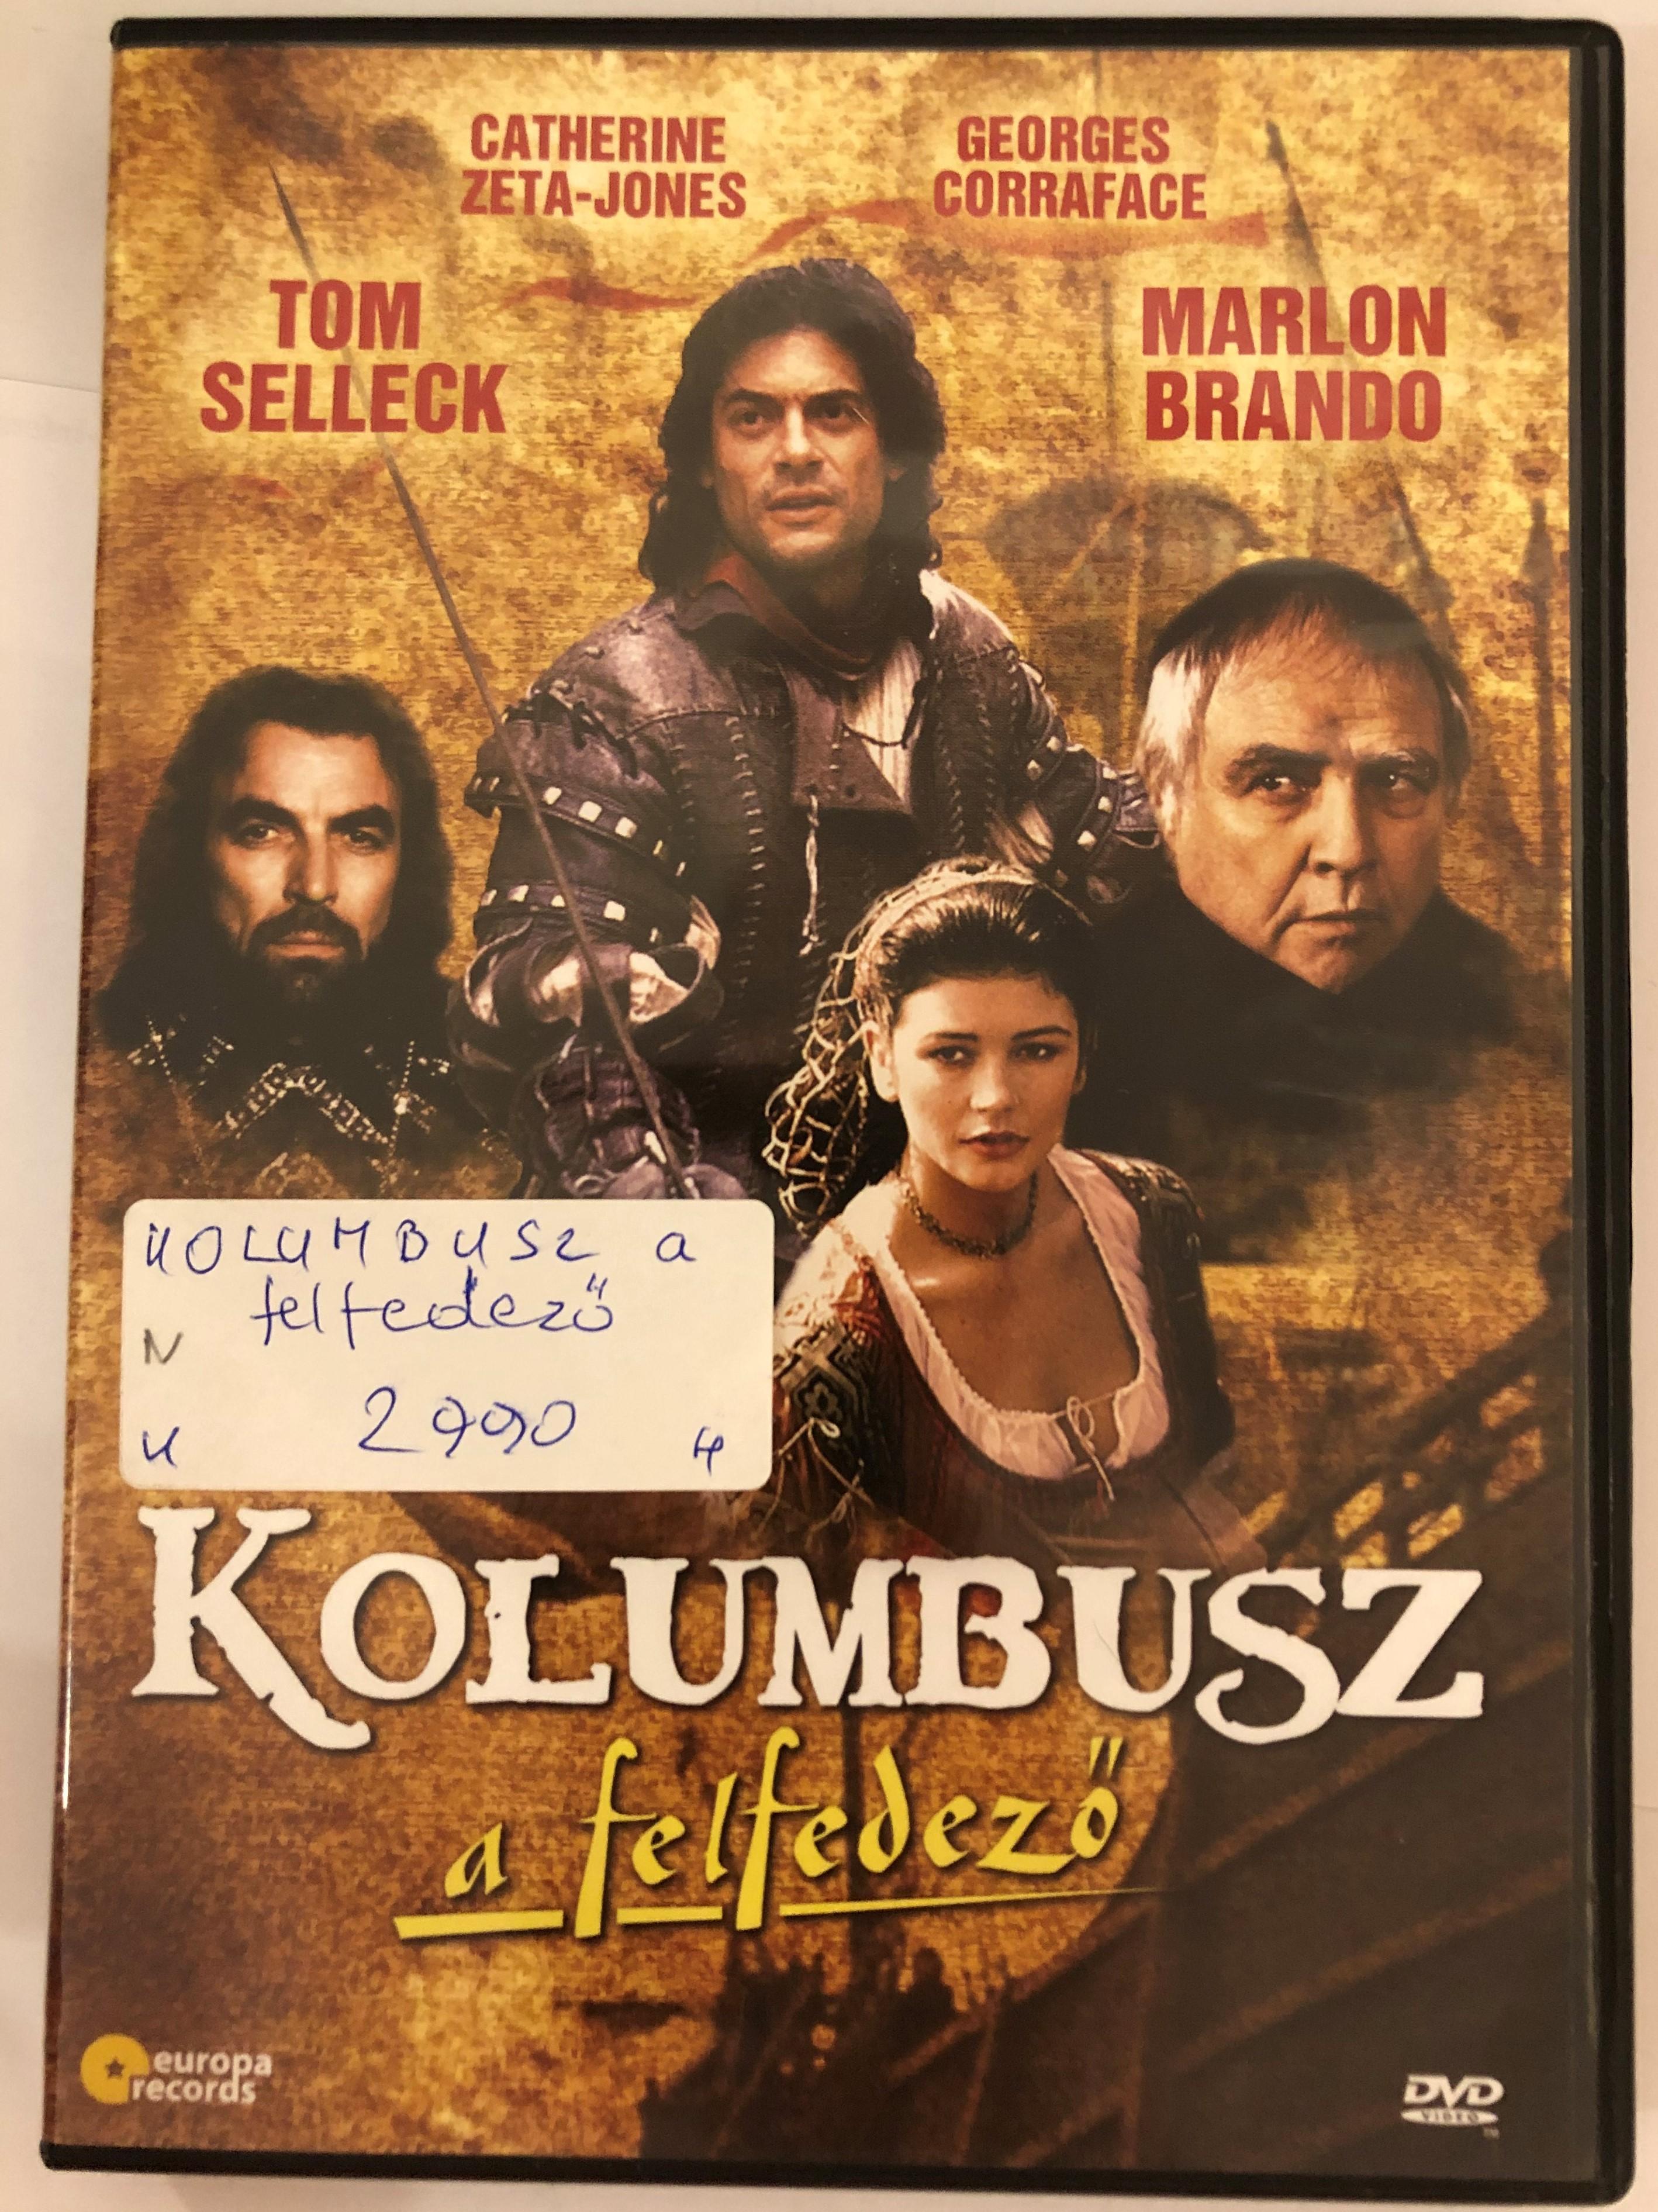 christopher-columbus-the-discovery-dvd-1992-kolumbusz-a-felfedez-1.jpg